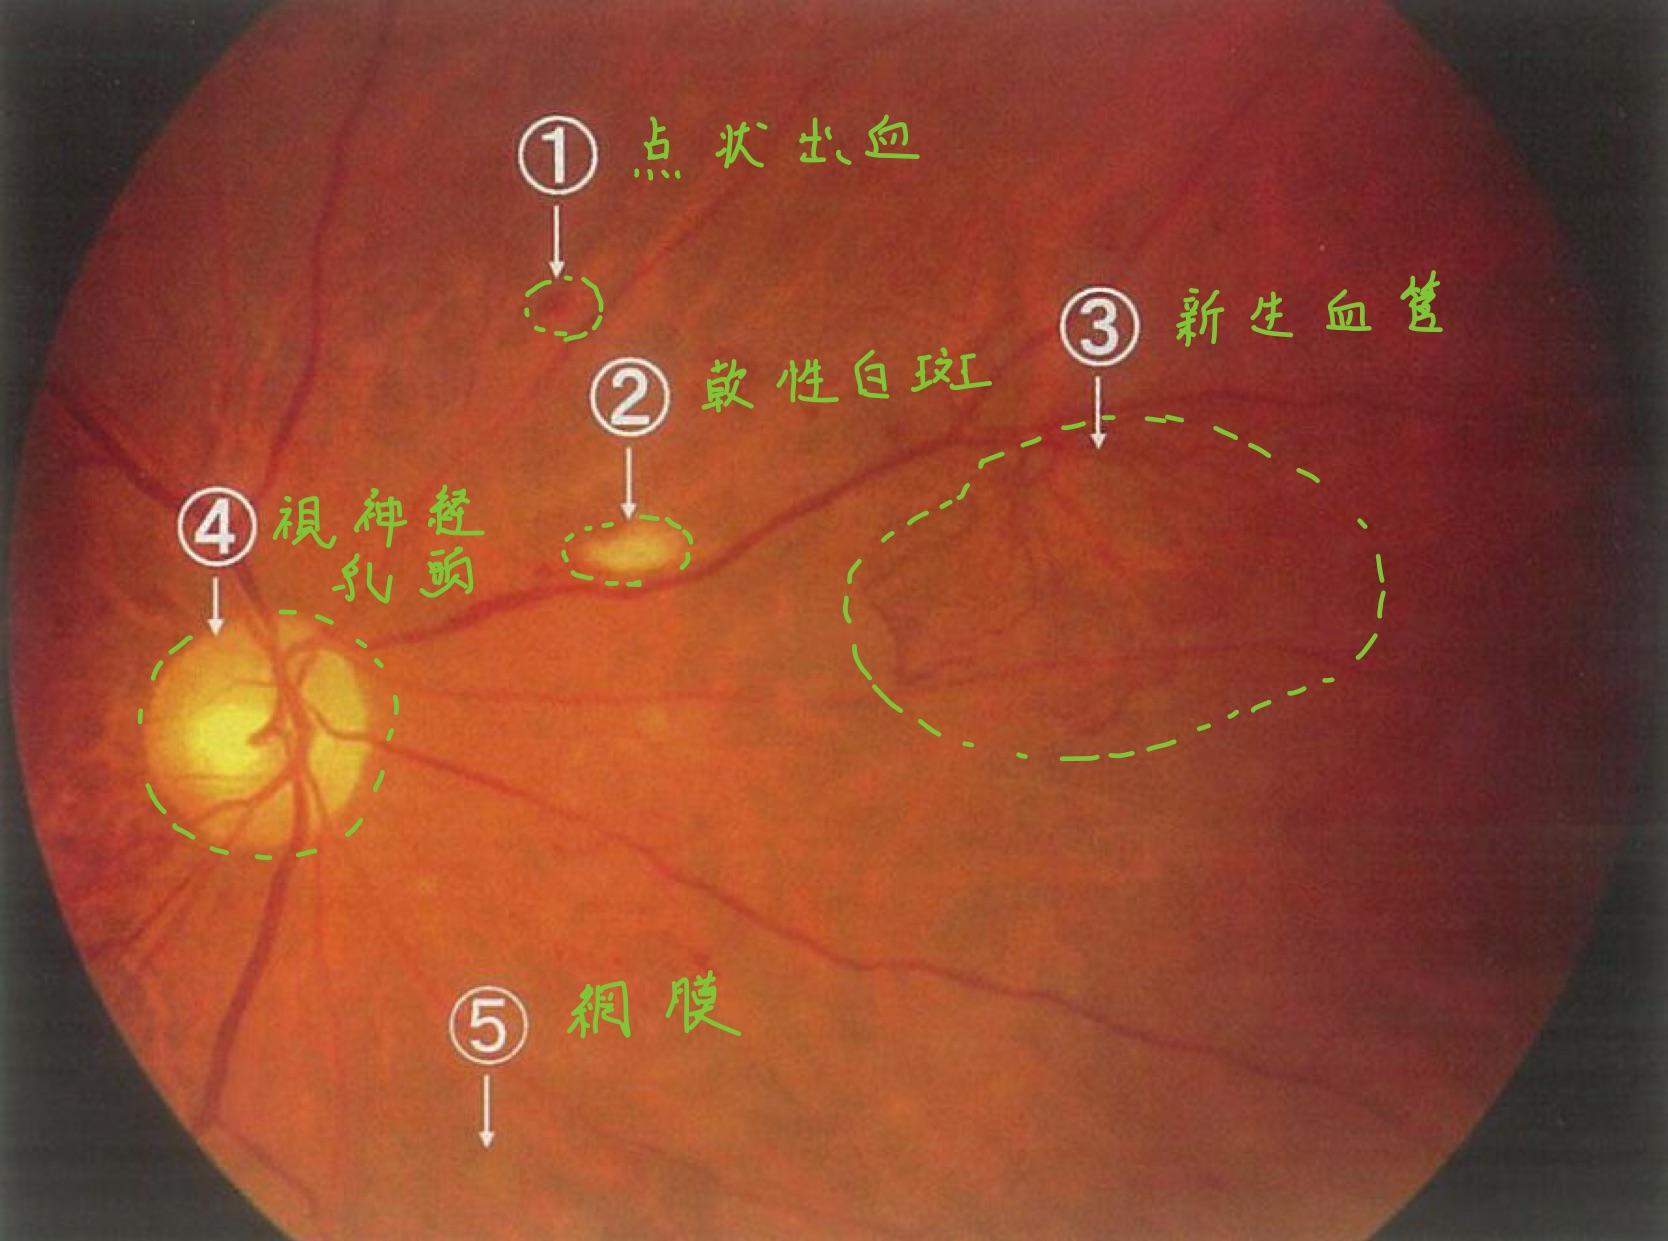 医師国家試験102A39_画像_糖尿病網膜症の眼底写真_改変(各病変の名称)